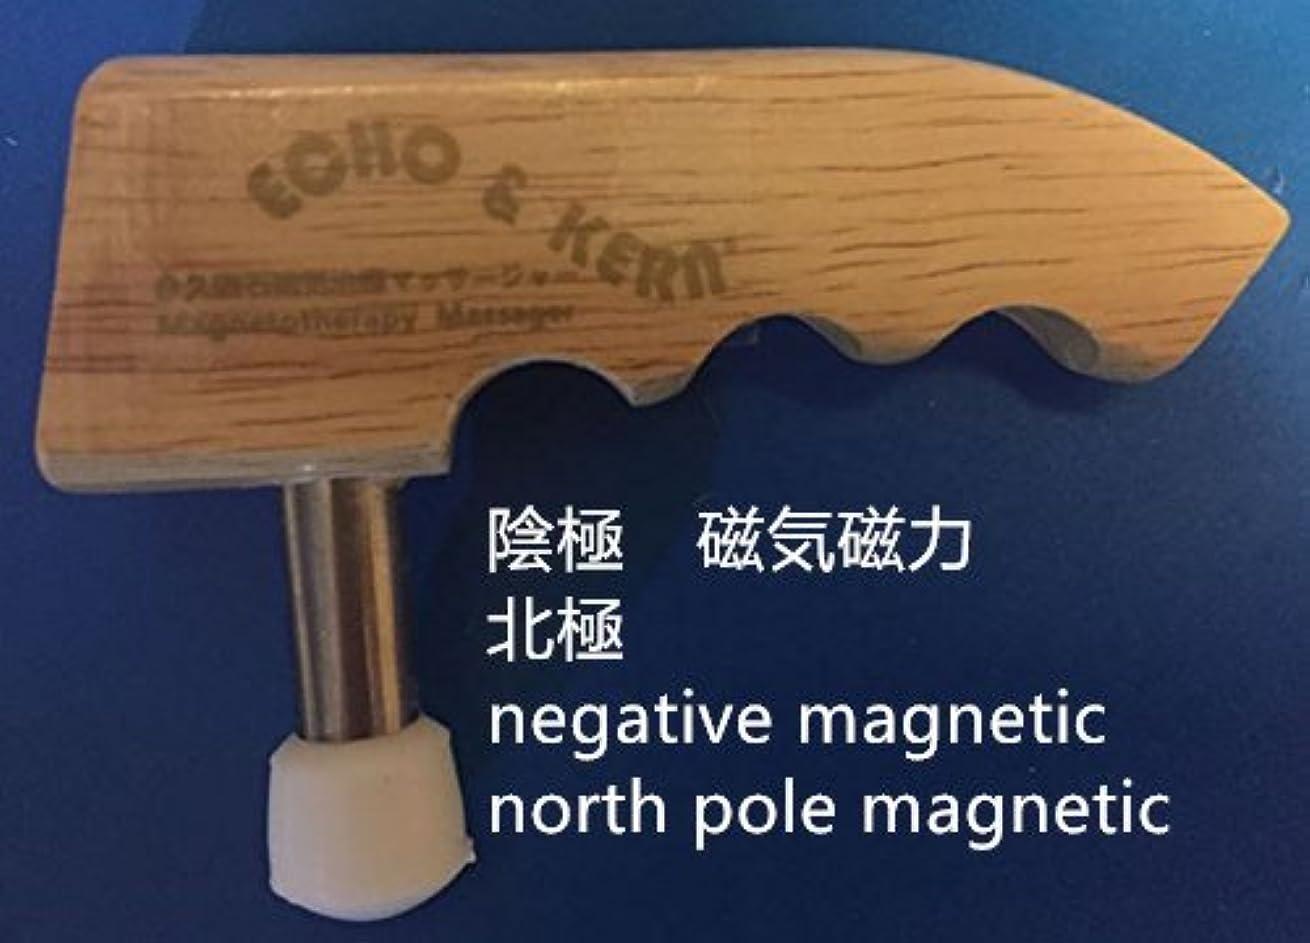 く肉腫パトロンMagnetic T shape acupuncture tool, north pole、negative (magnetotherapy)Echo & Kern 木のハンドル排酸棒,陰極磁気棒,陰極磁力排酸棒北極磁気...